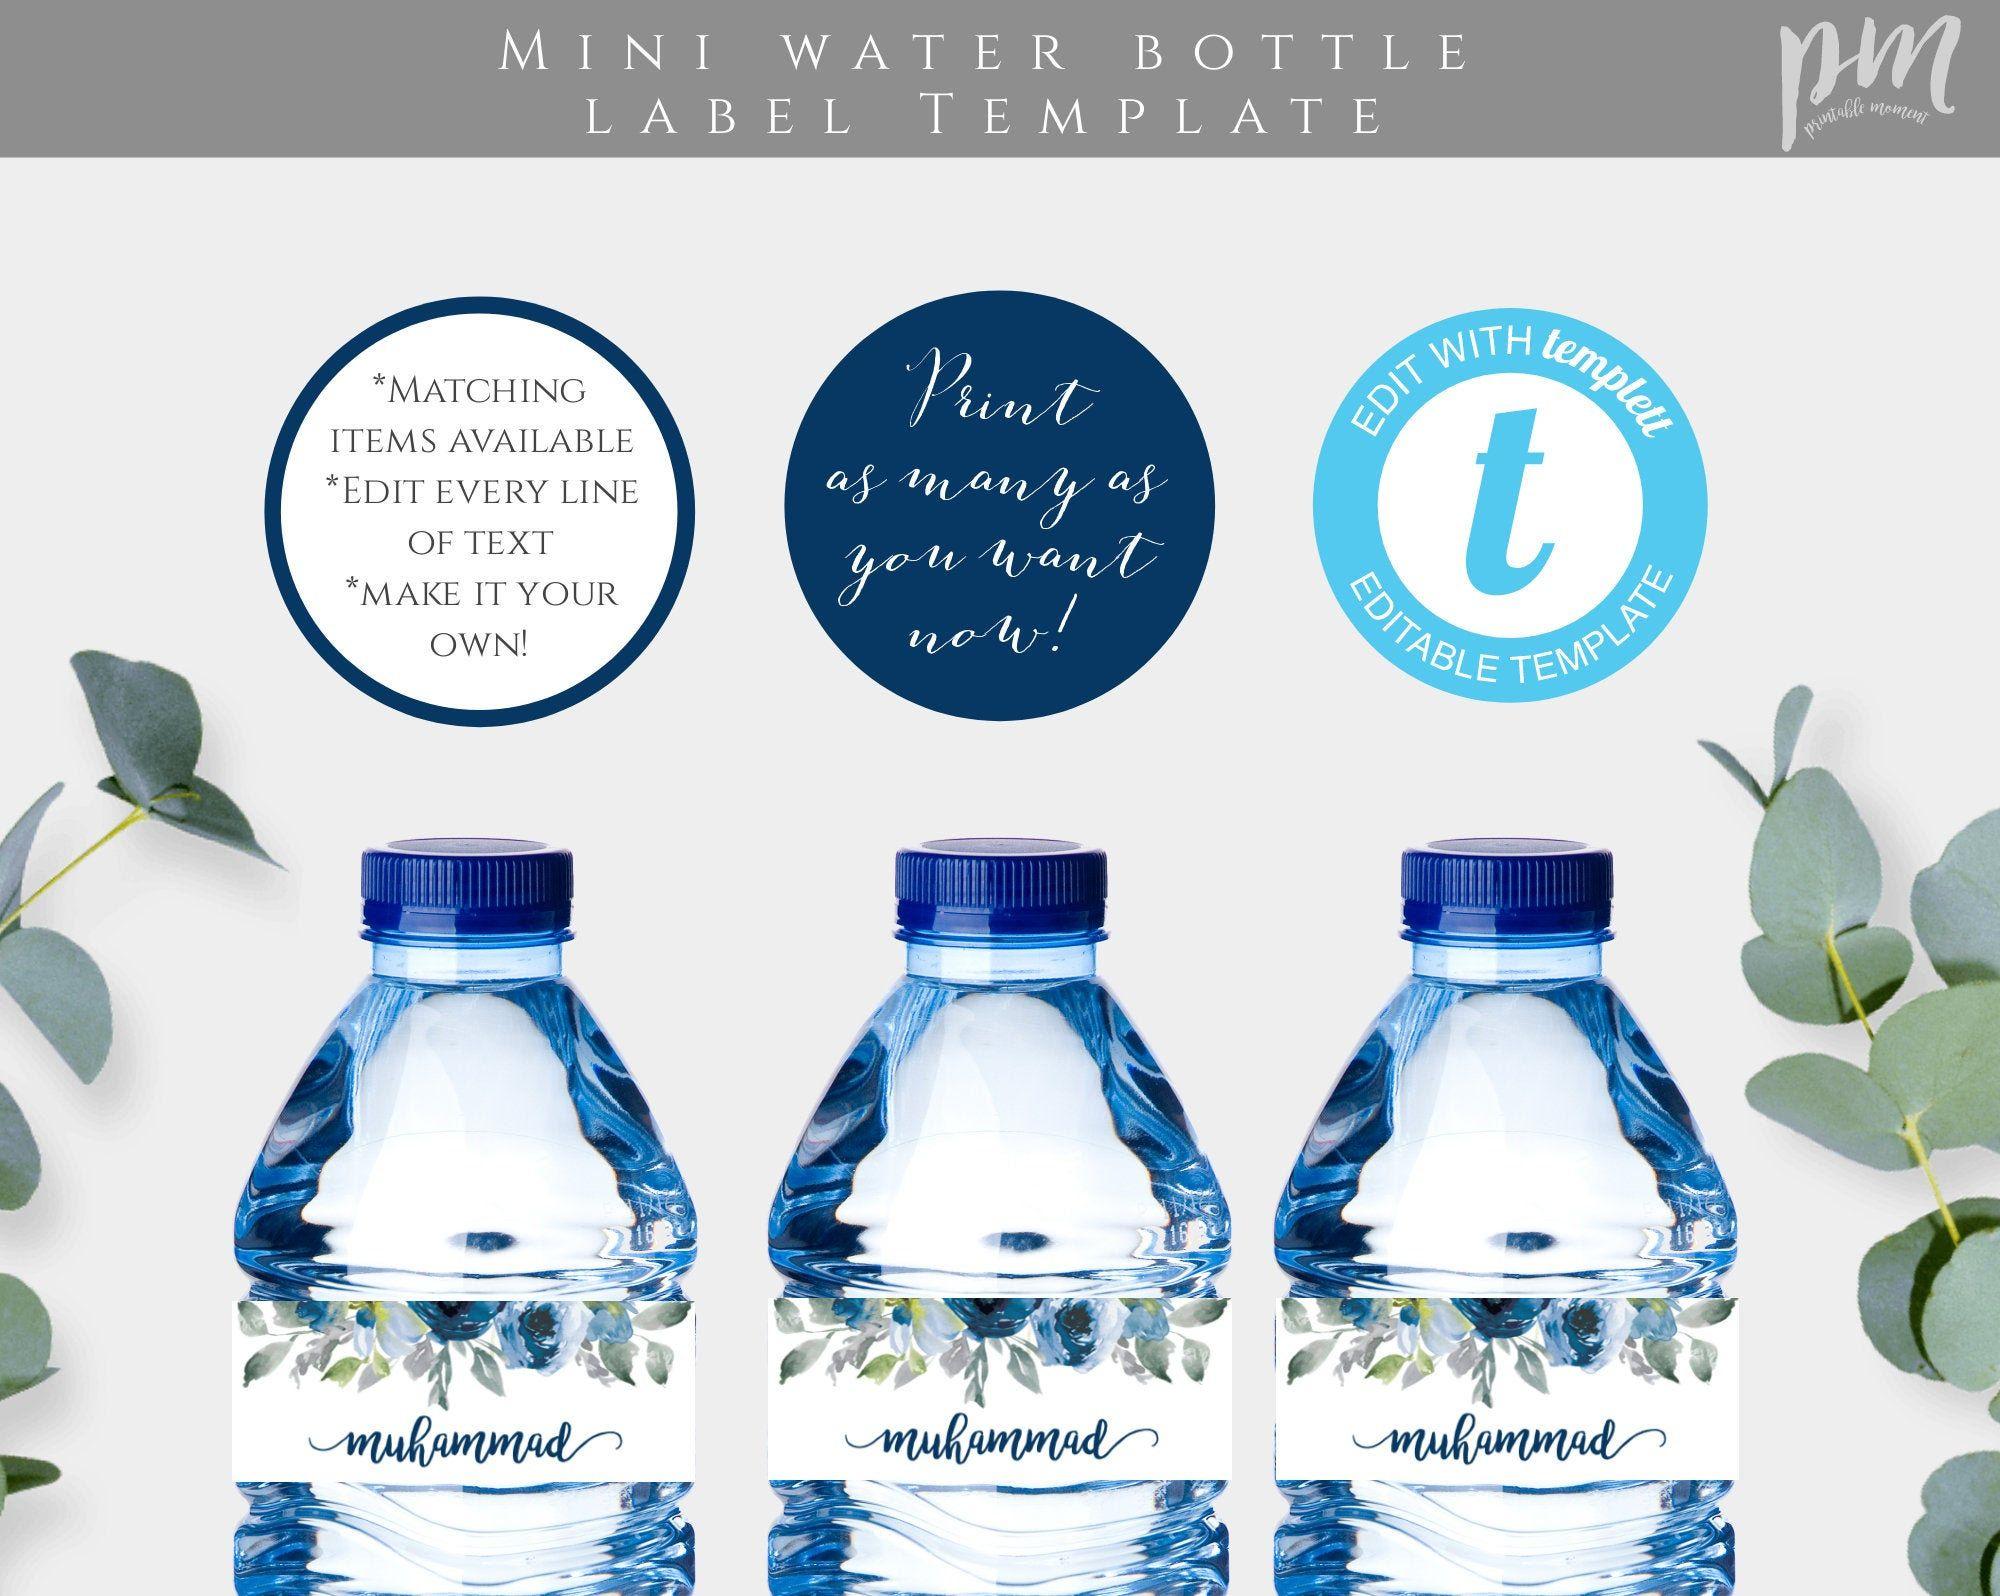 Water Bottle Label Template Pdf Water Bottle Labels Template Printable Water Bottle Labels Water Bottle Labels Free